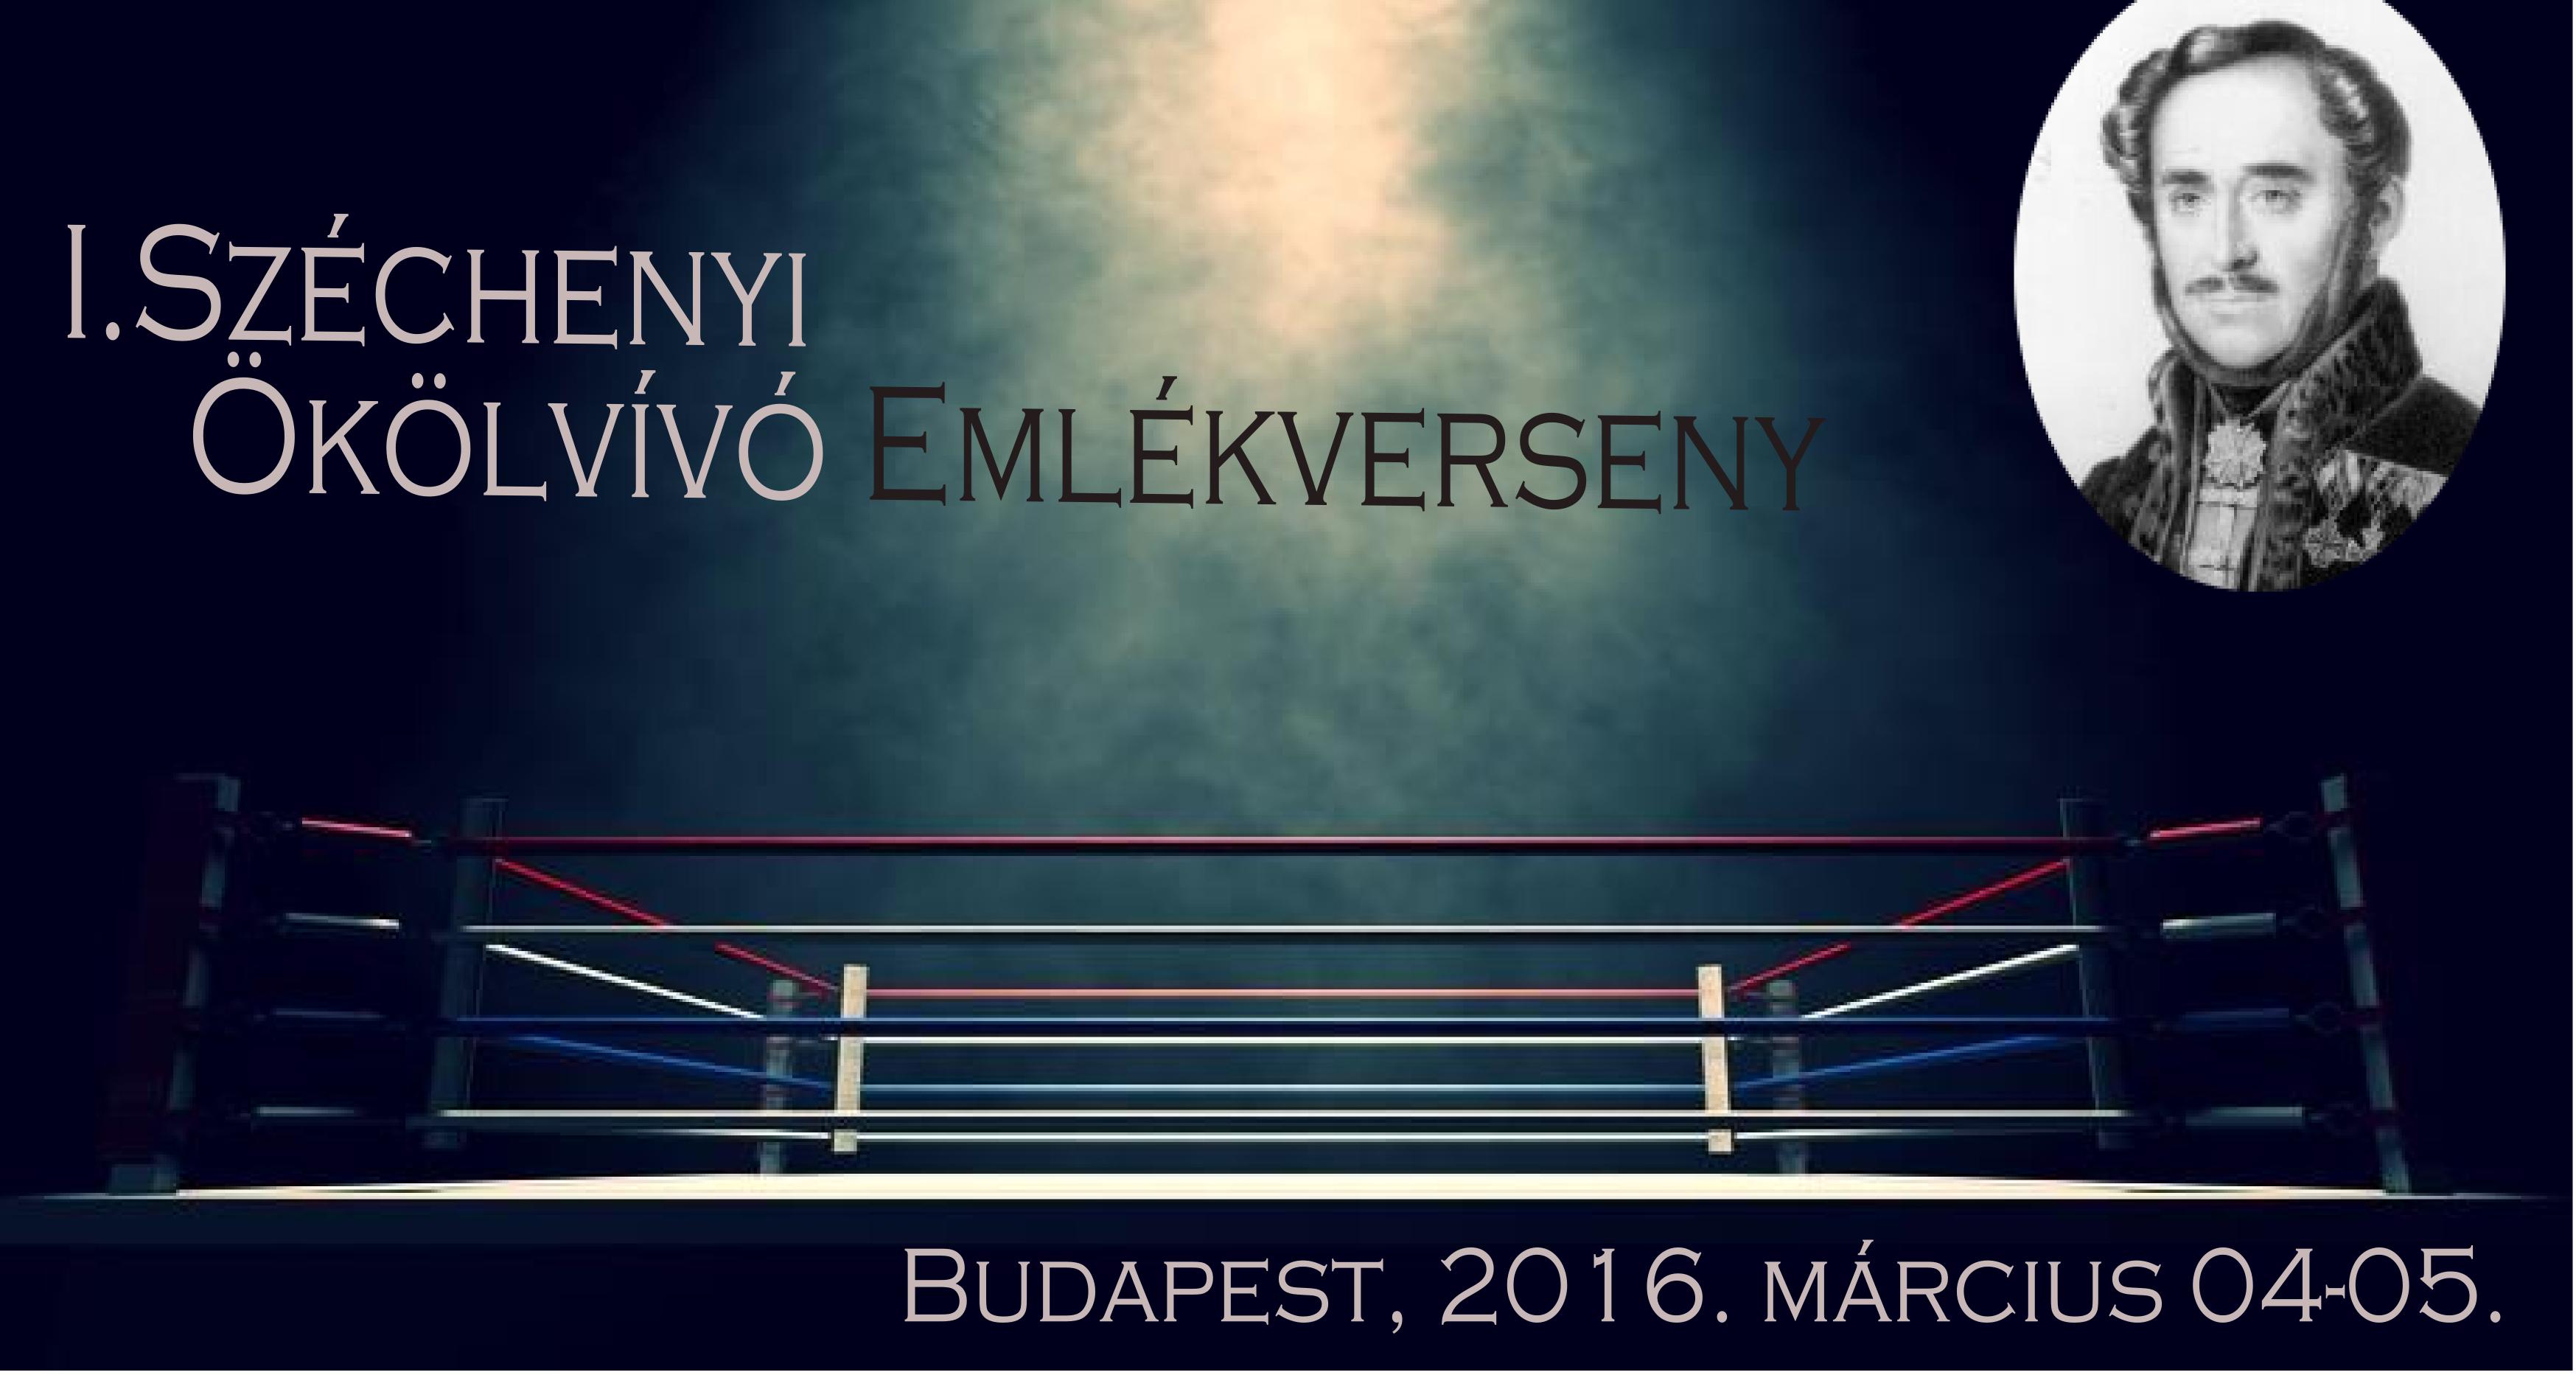 I. Széchenyi Ökölvívó Emlékverseny